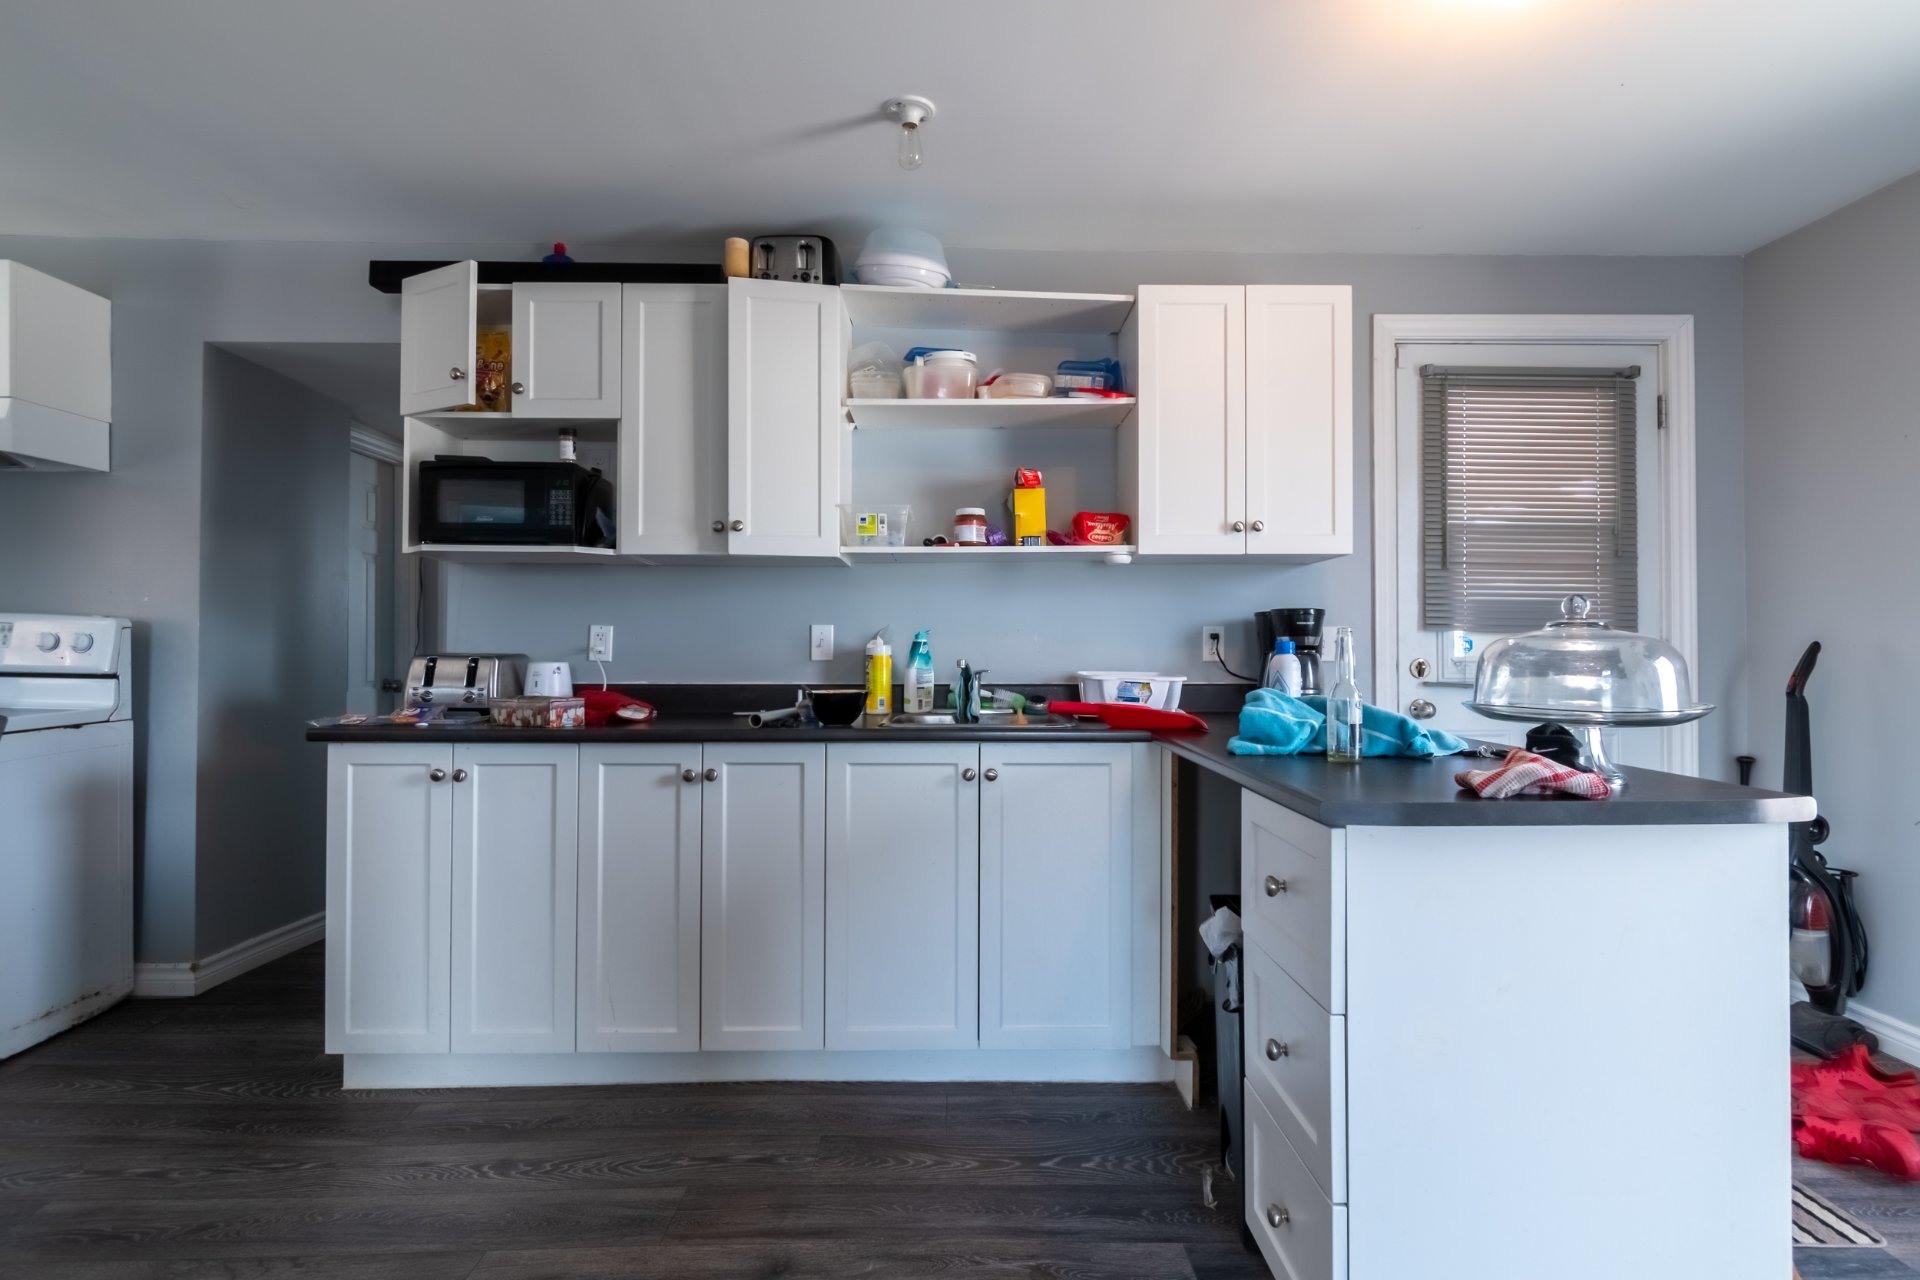 image 1 - Duplex À vendre Trois-Rivières - 4 pièces